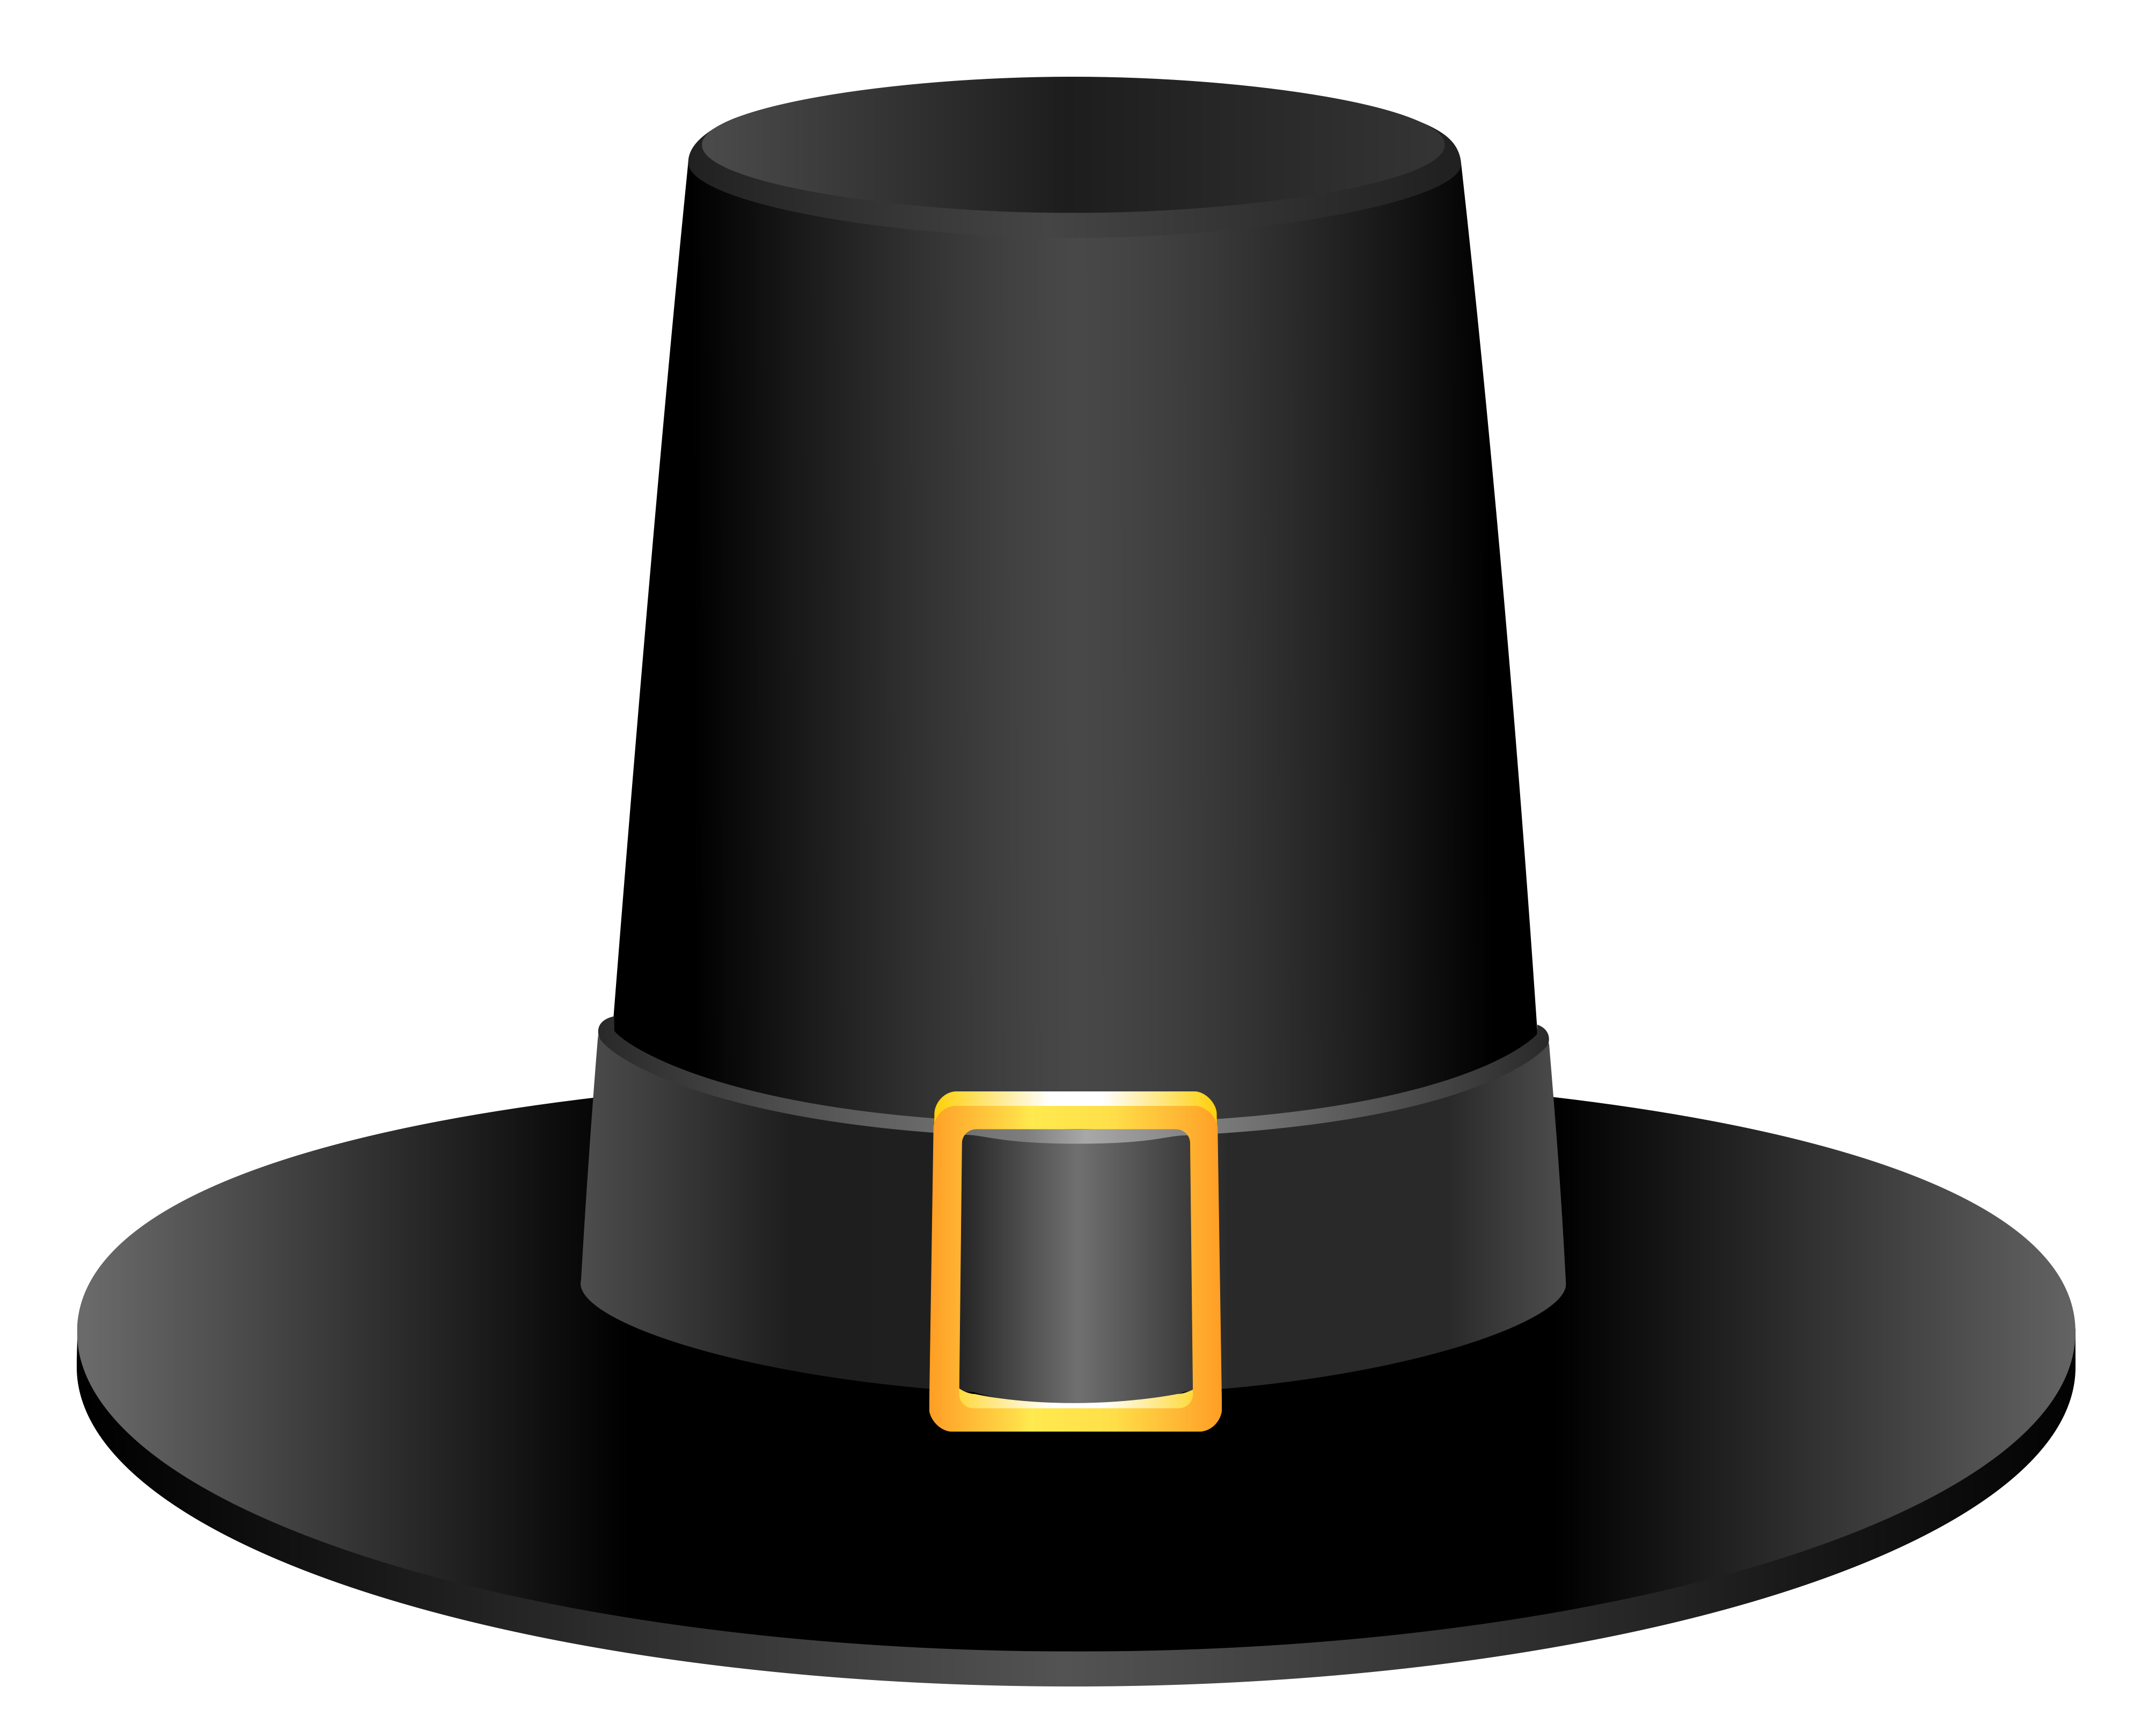 Black pilgrim hat picture. Pilgrims clipart printable